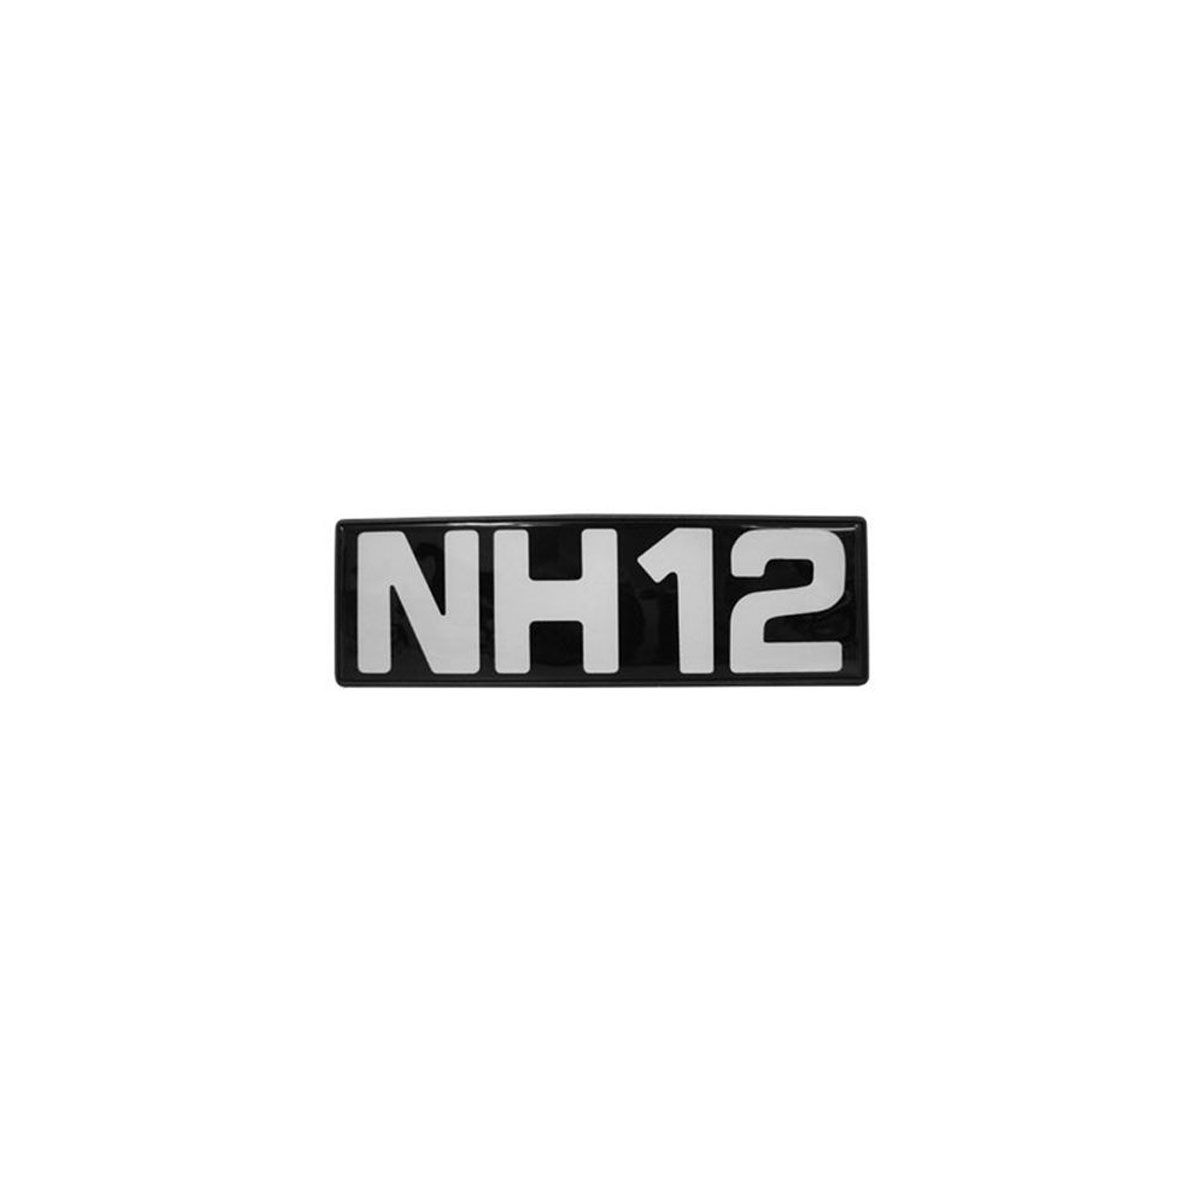 Emblema Frontal NH 12